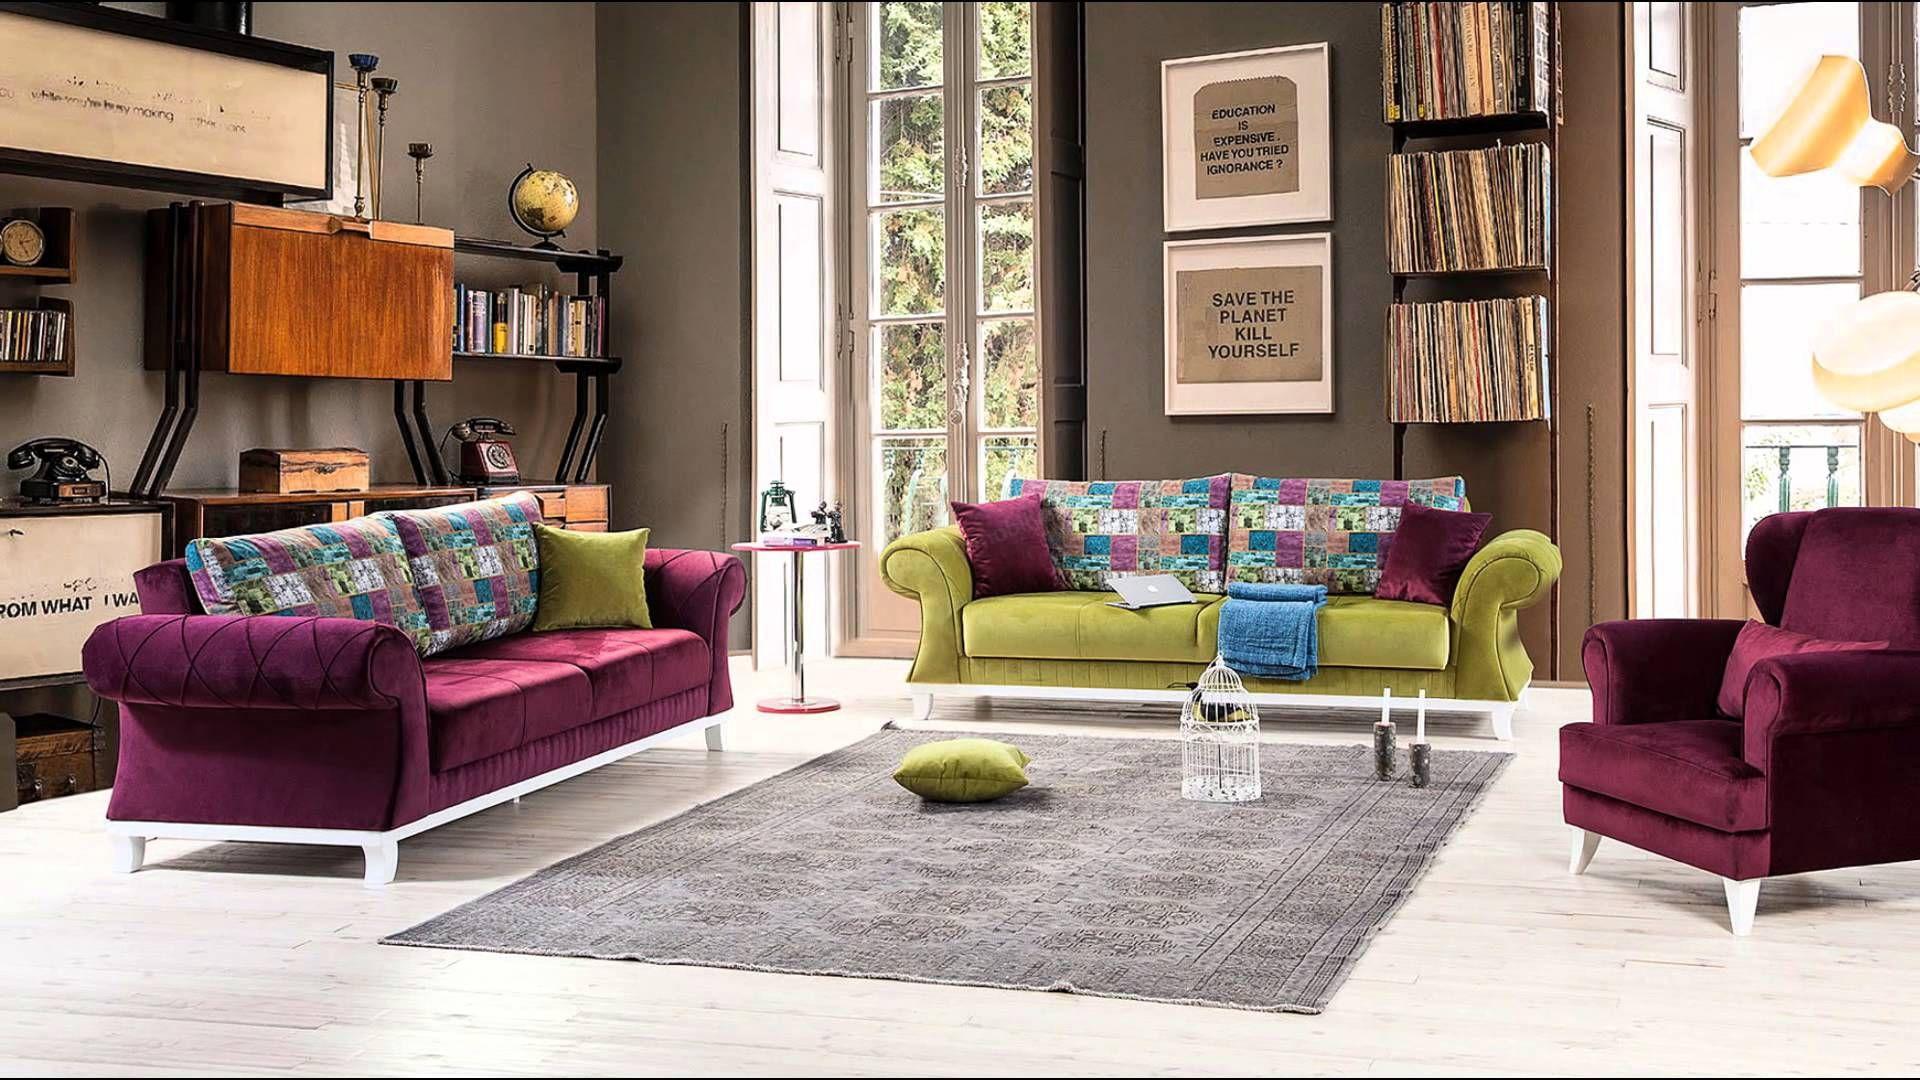 05443491912 Izmir Torbali Ayrancilar Spot Esya Ayrancilar Ikinci El Esya Alanlar Rugs In Living Room Furniture Luxury Rug